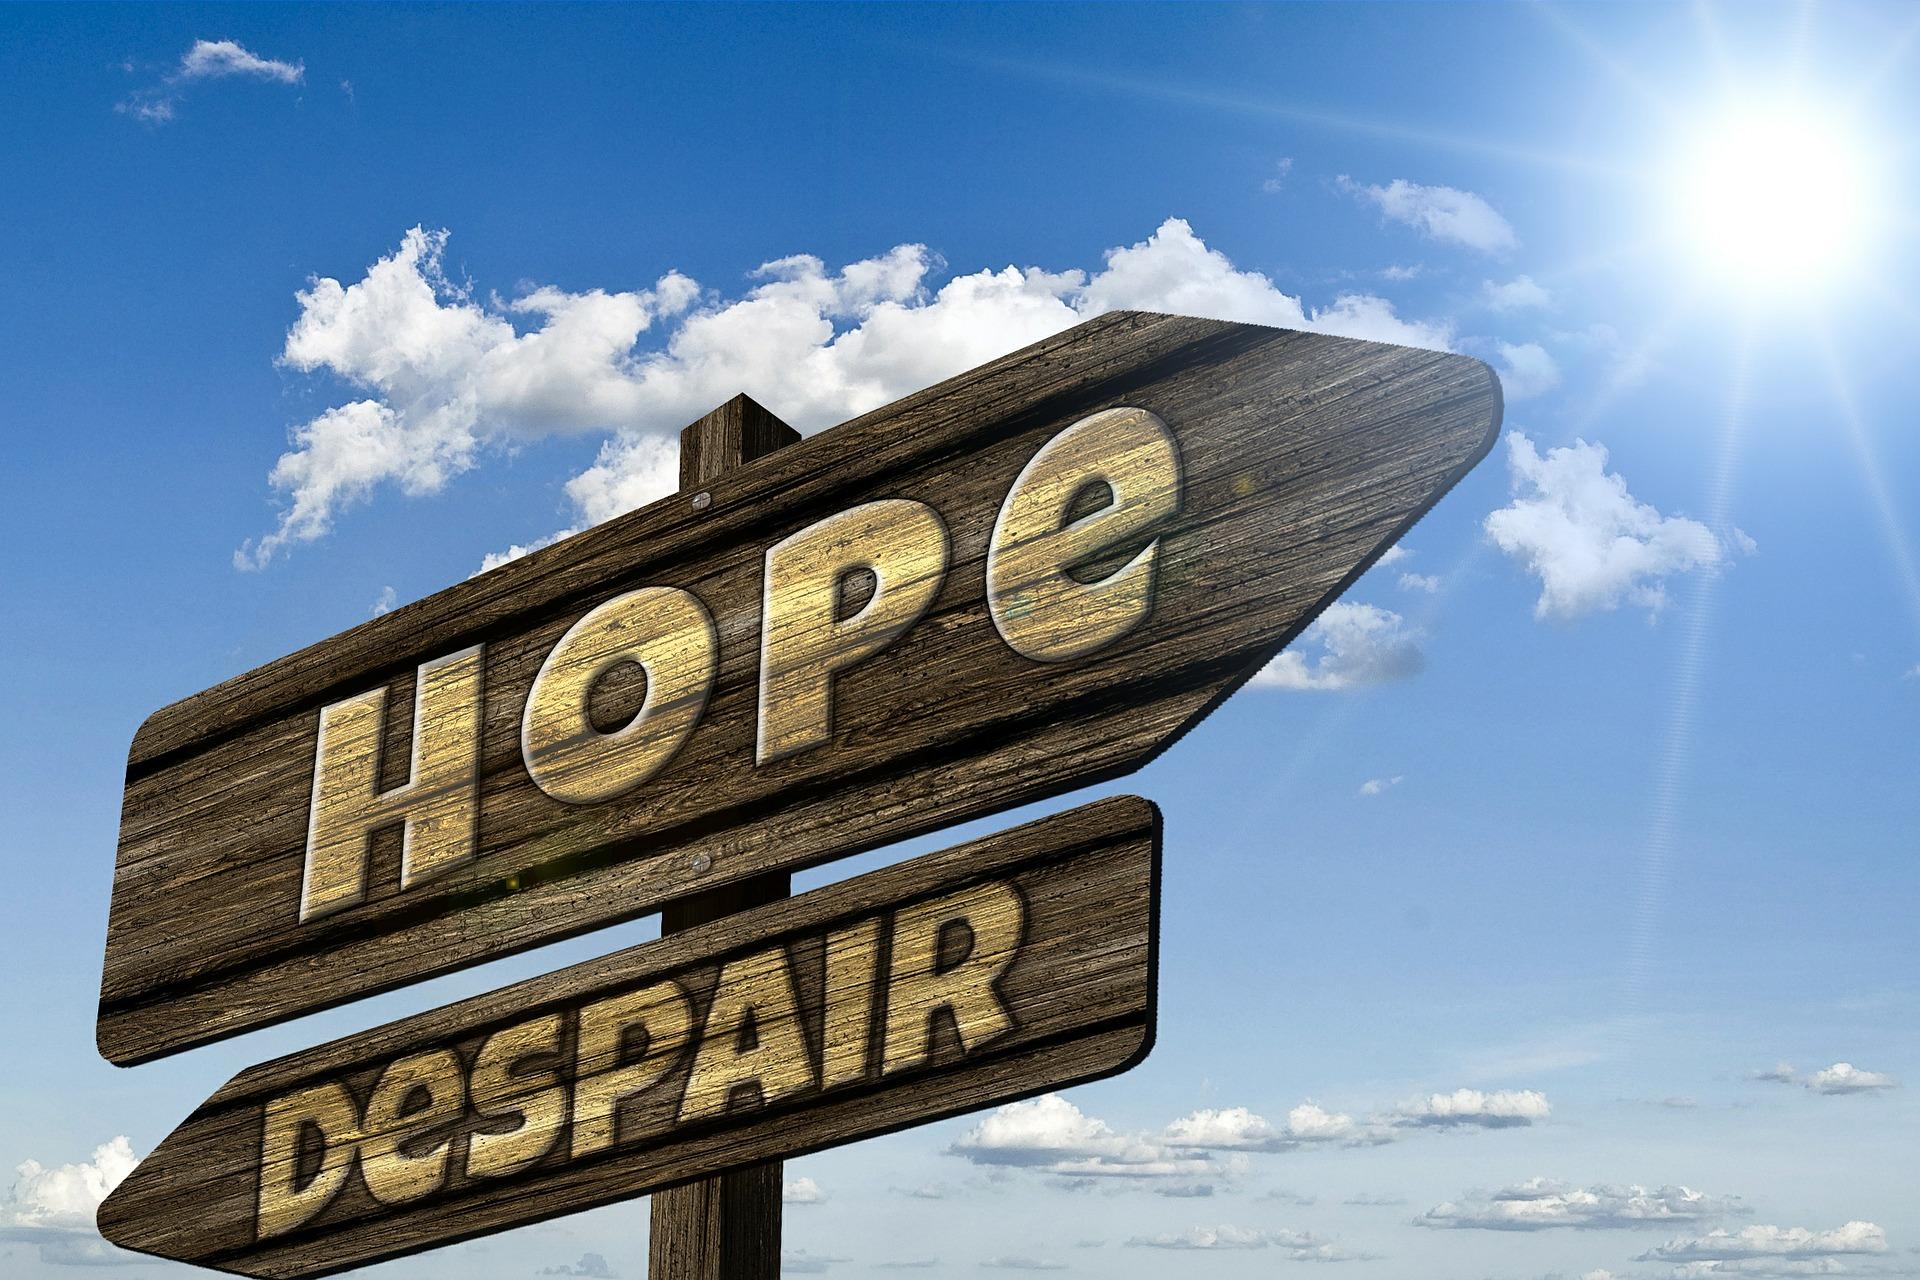 希望 hope